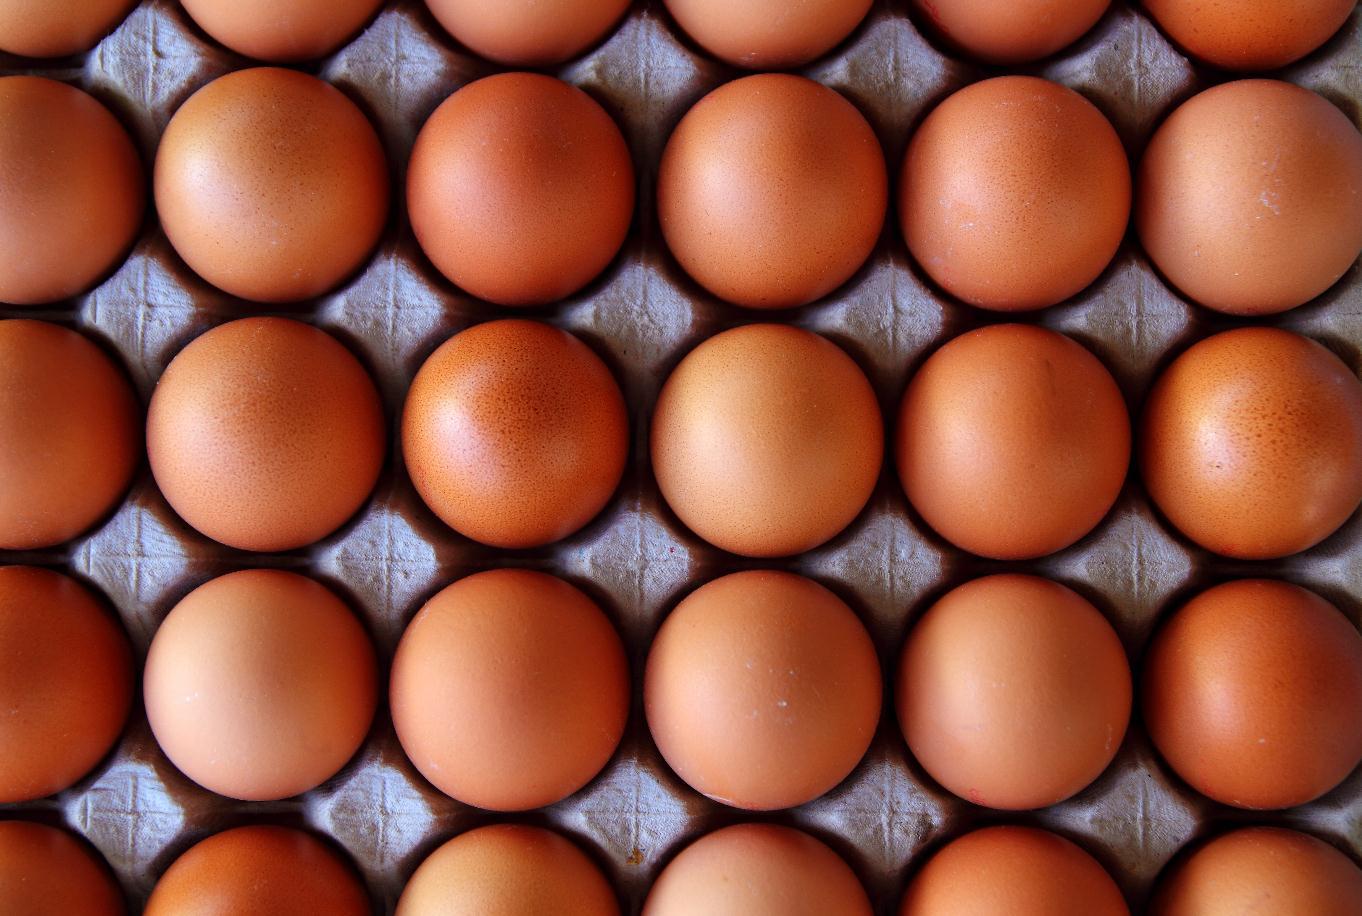 """鸡蛋价格上涨背后:收购量接近""""腰斩"""" 蛋商高价抢蛋进入白热化"""